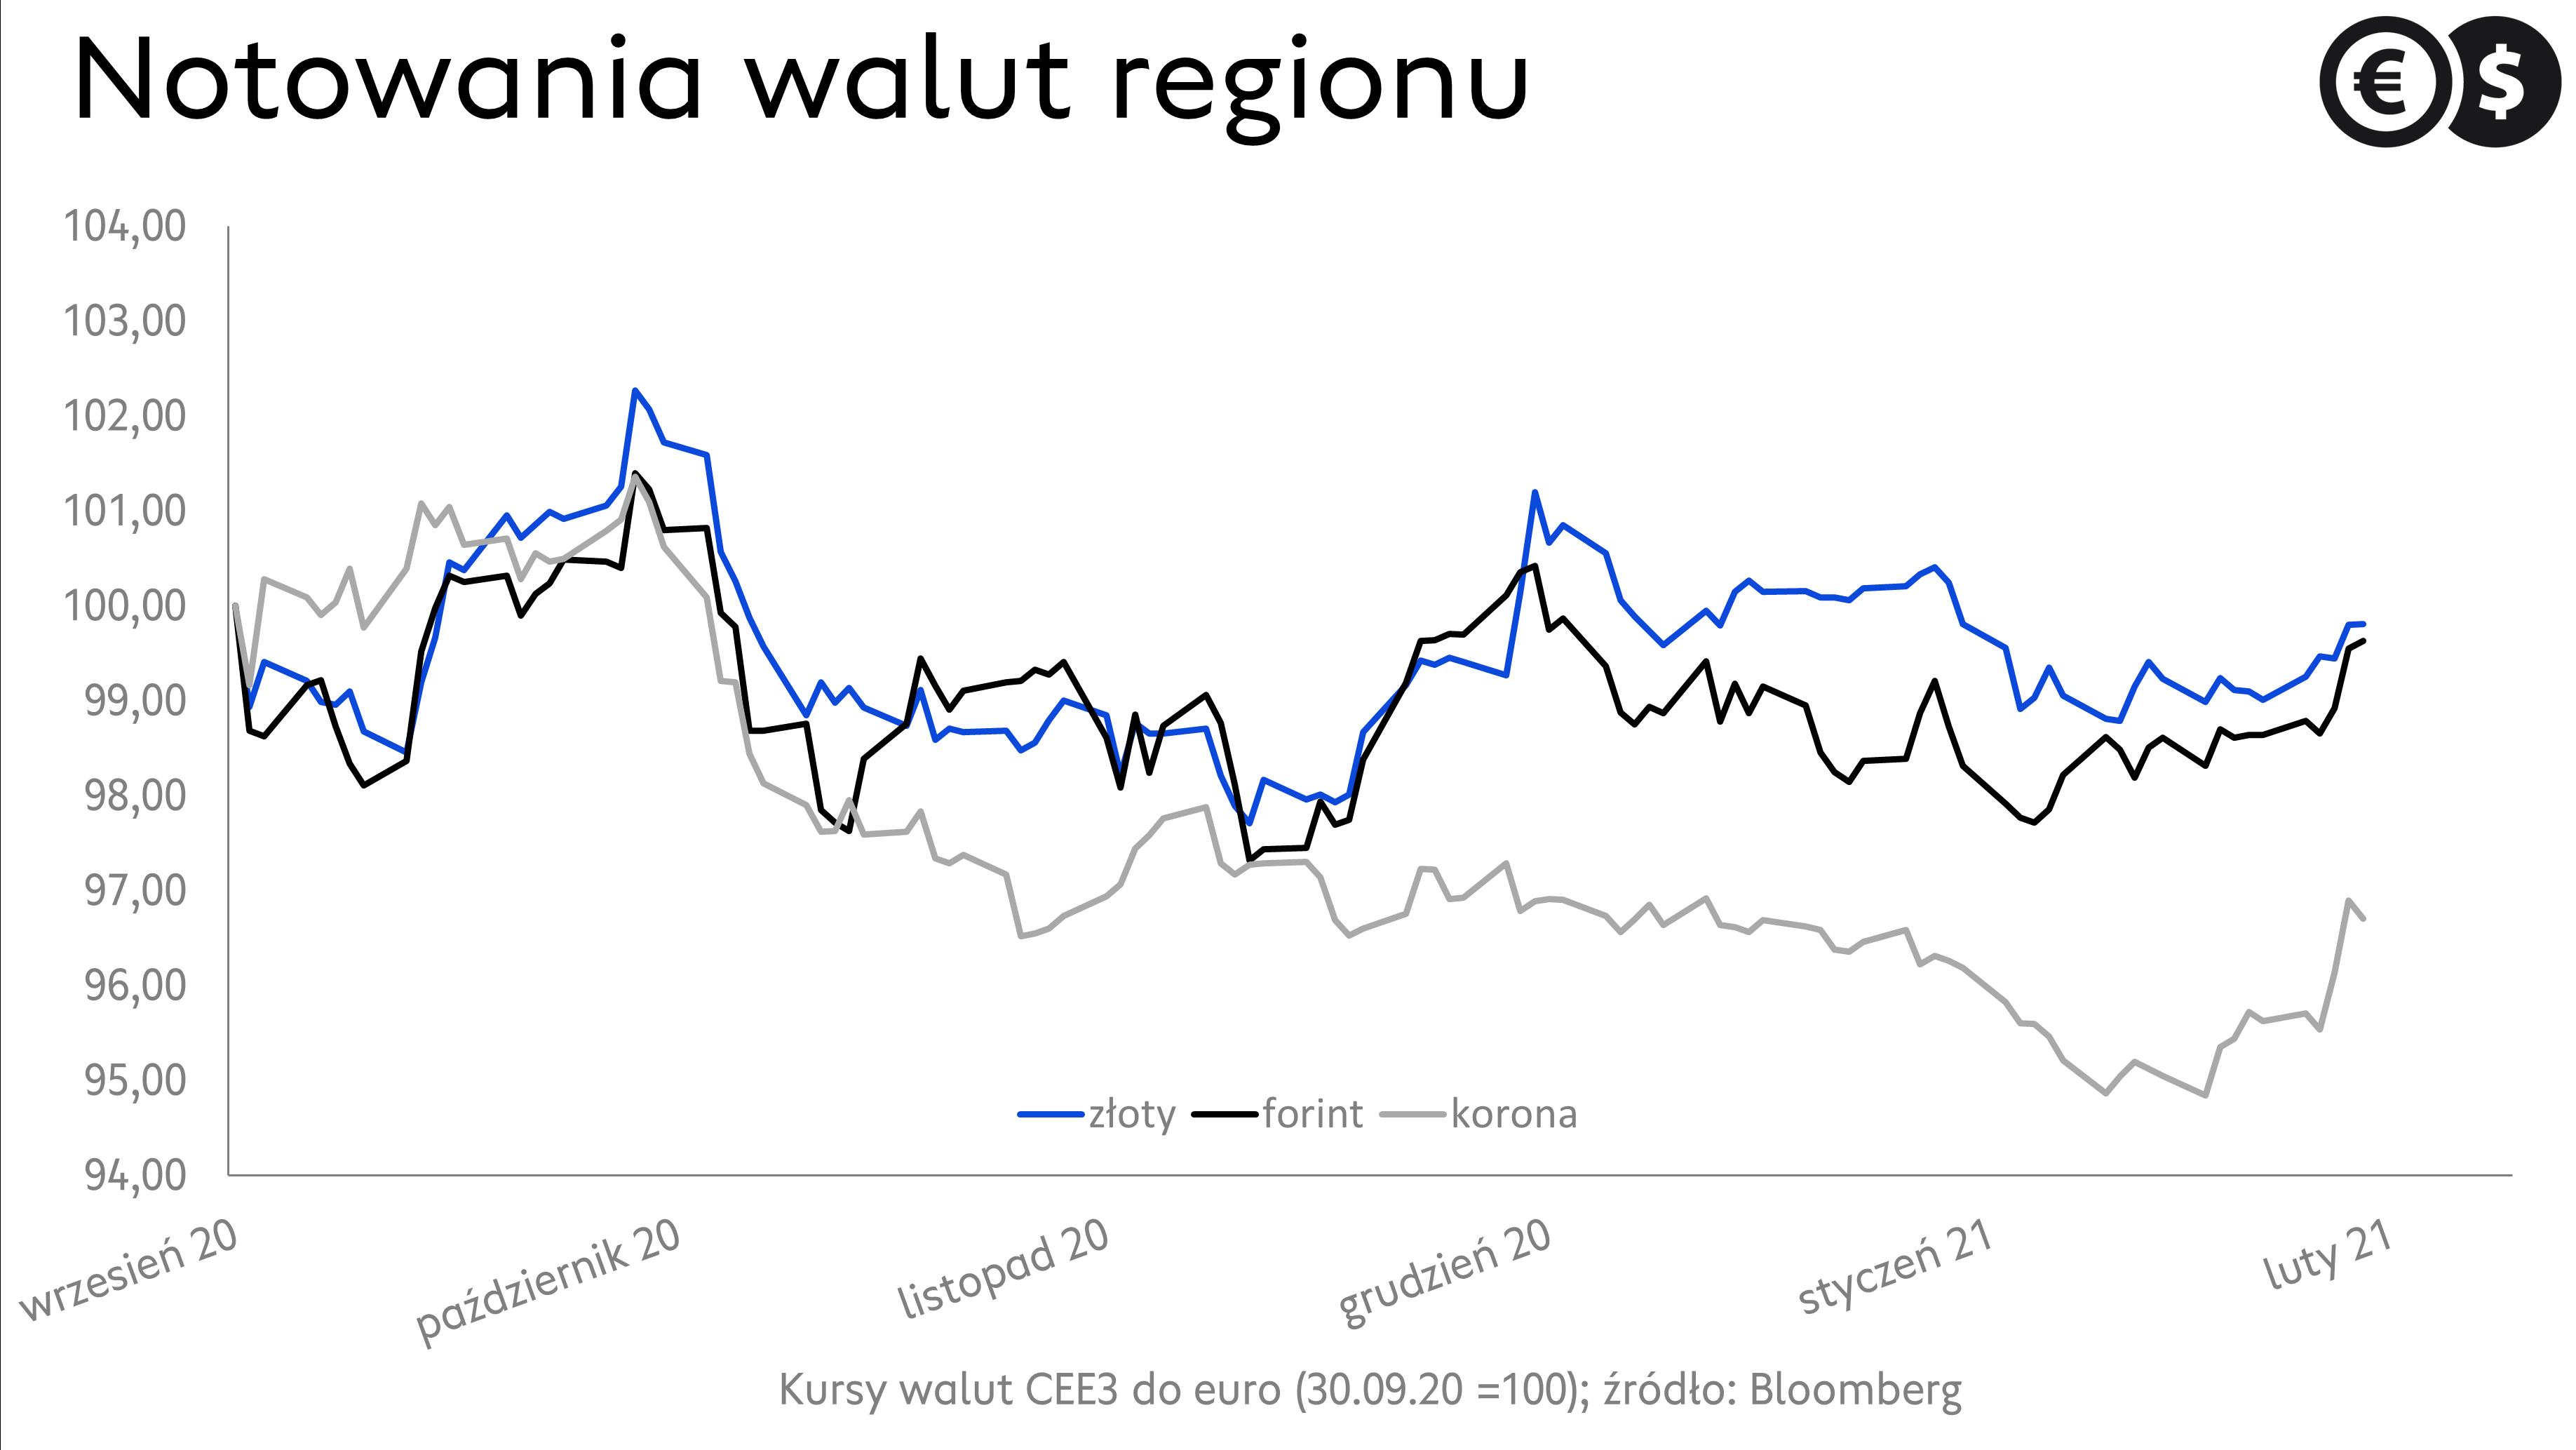 Notowania walut regionu